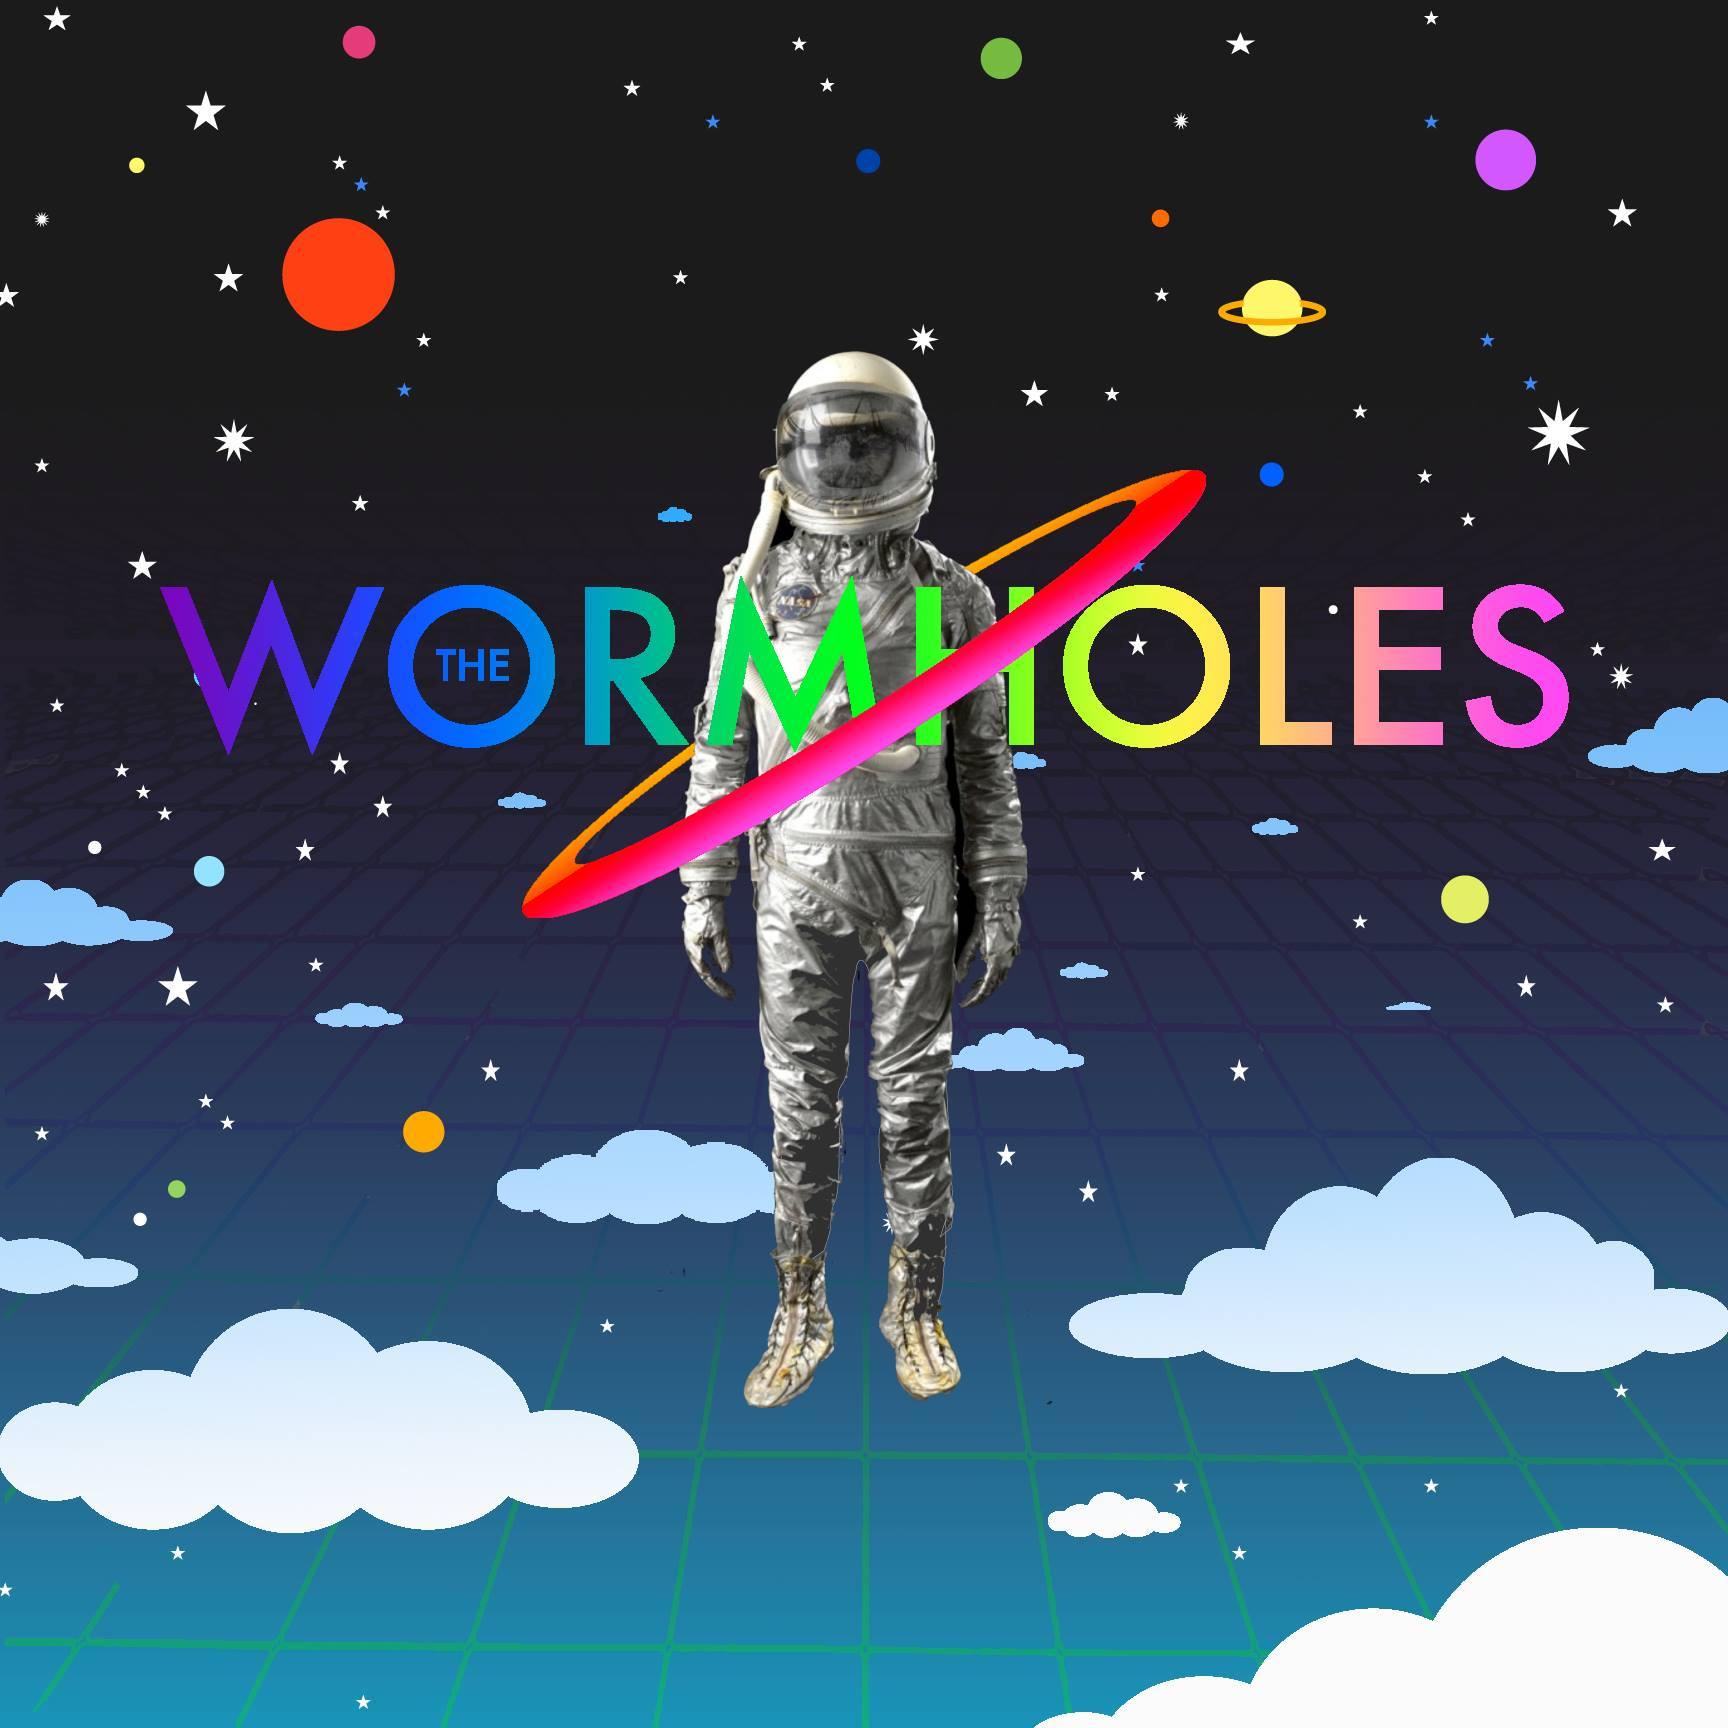 Wormholes - Spaceman in Clouds.jpg